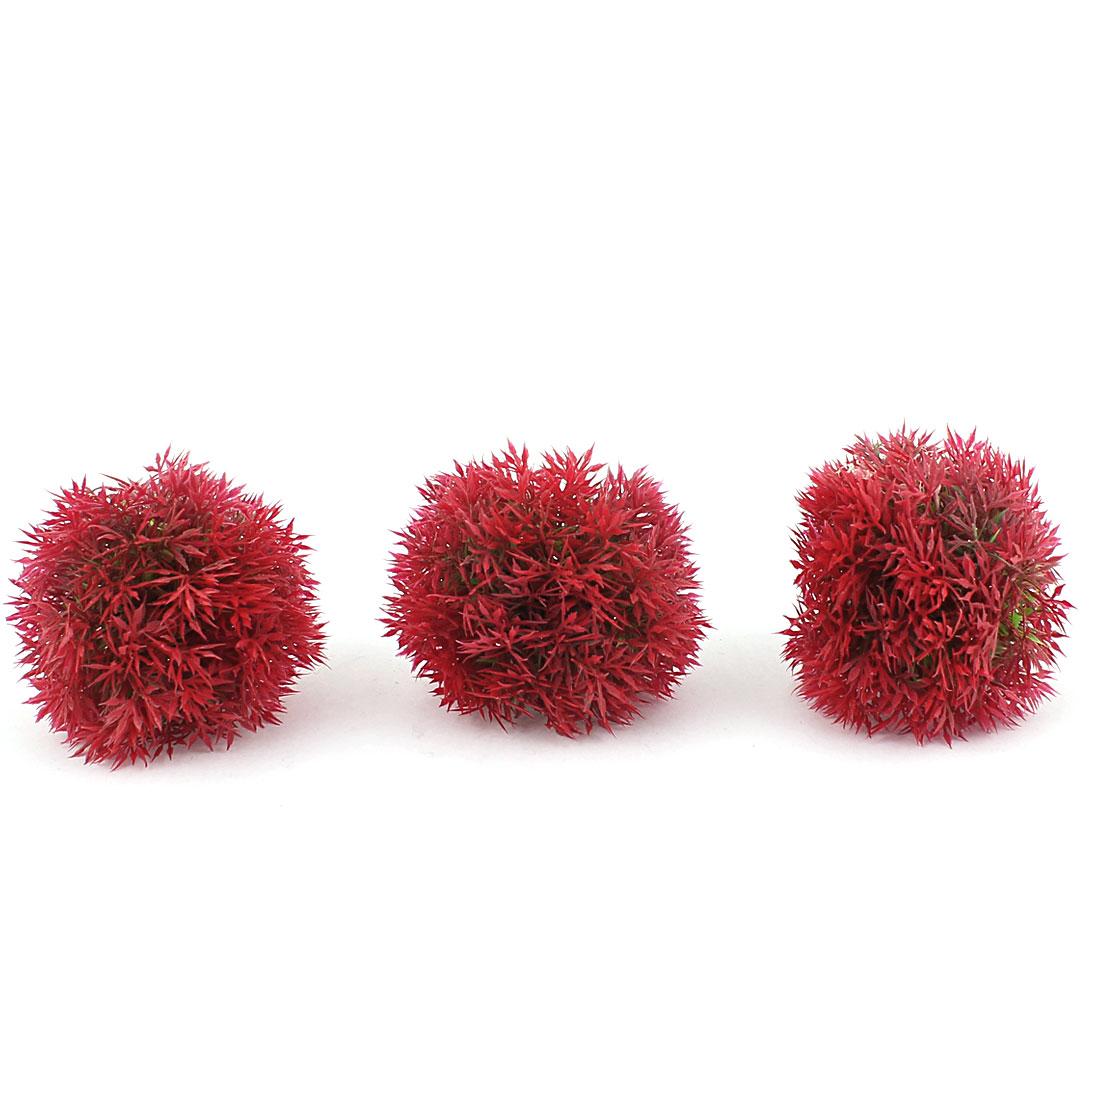 Plastic Leaf Grass Ball Design Aquatic Plant Fish Tank Aquarium Decor Red 3PCS